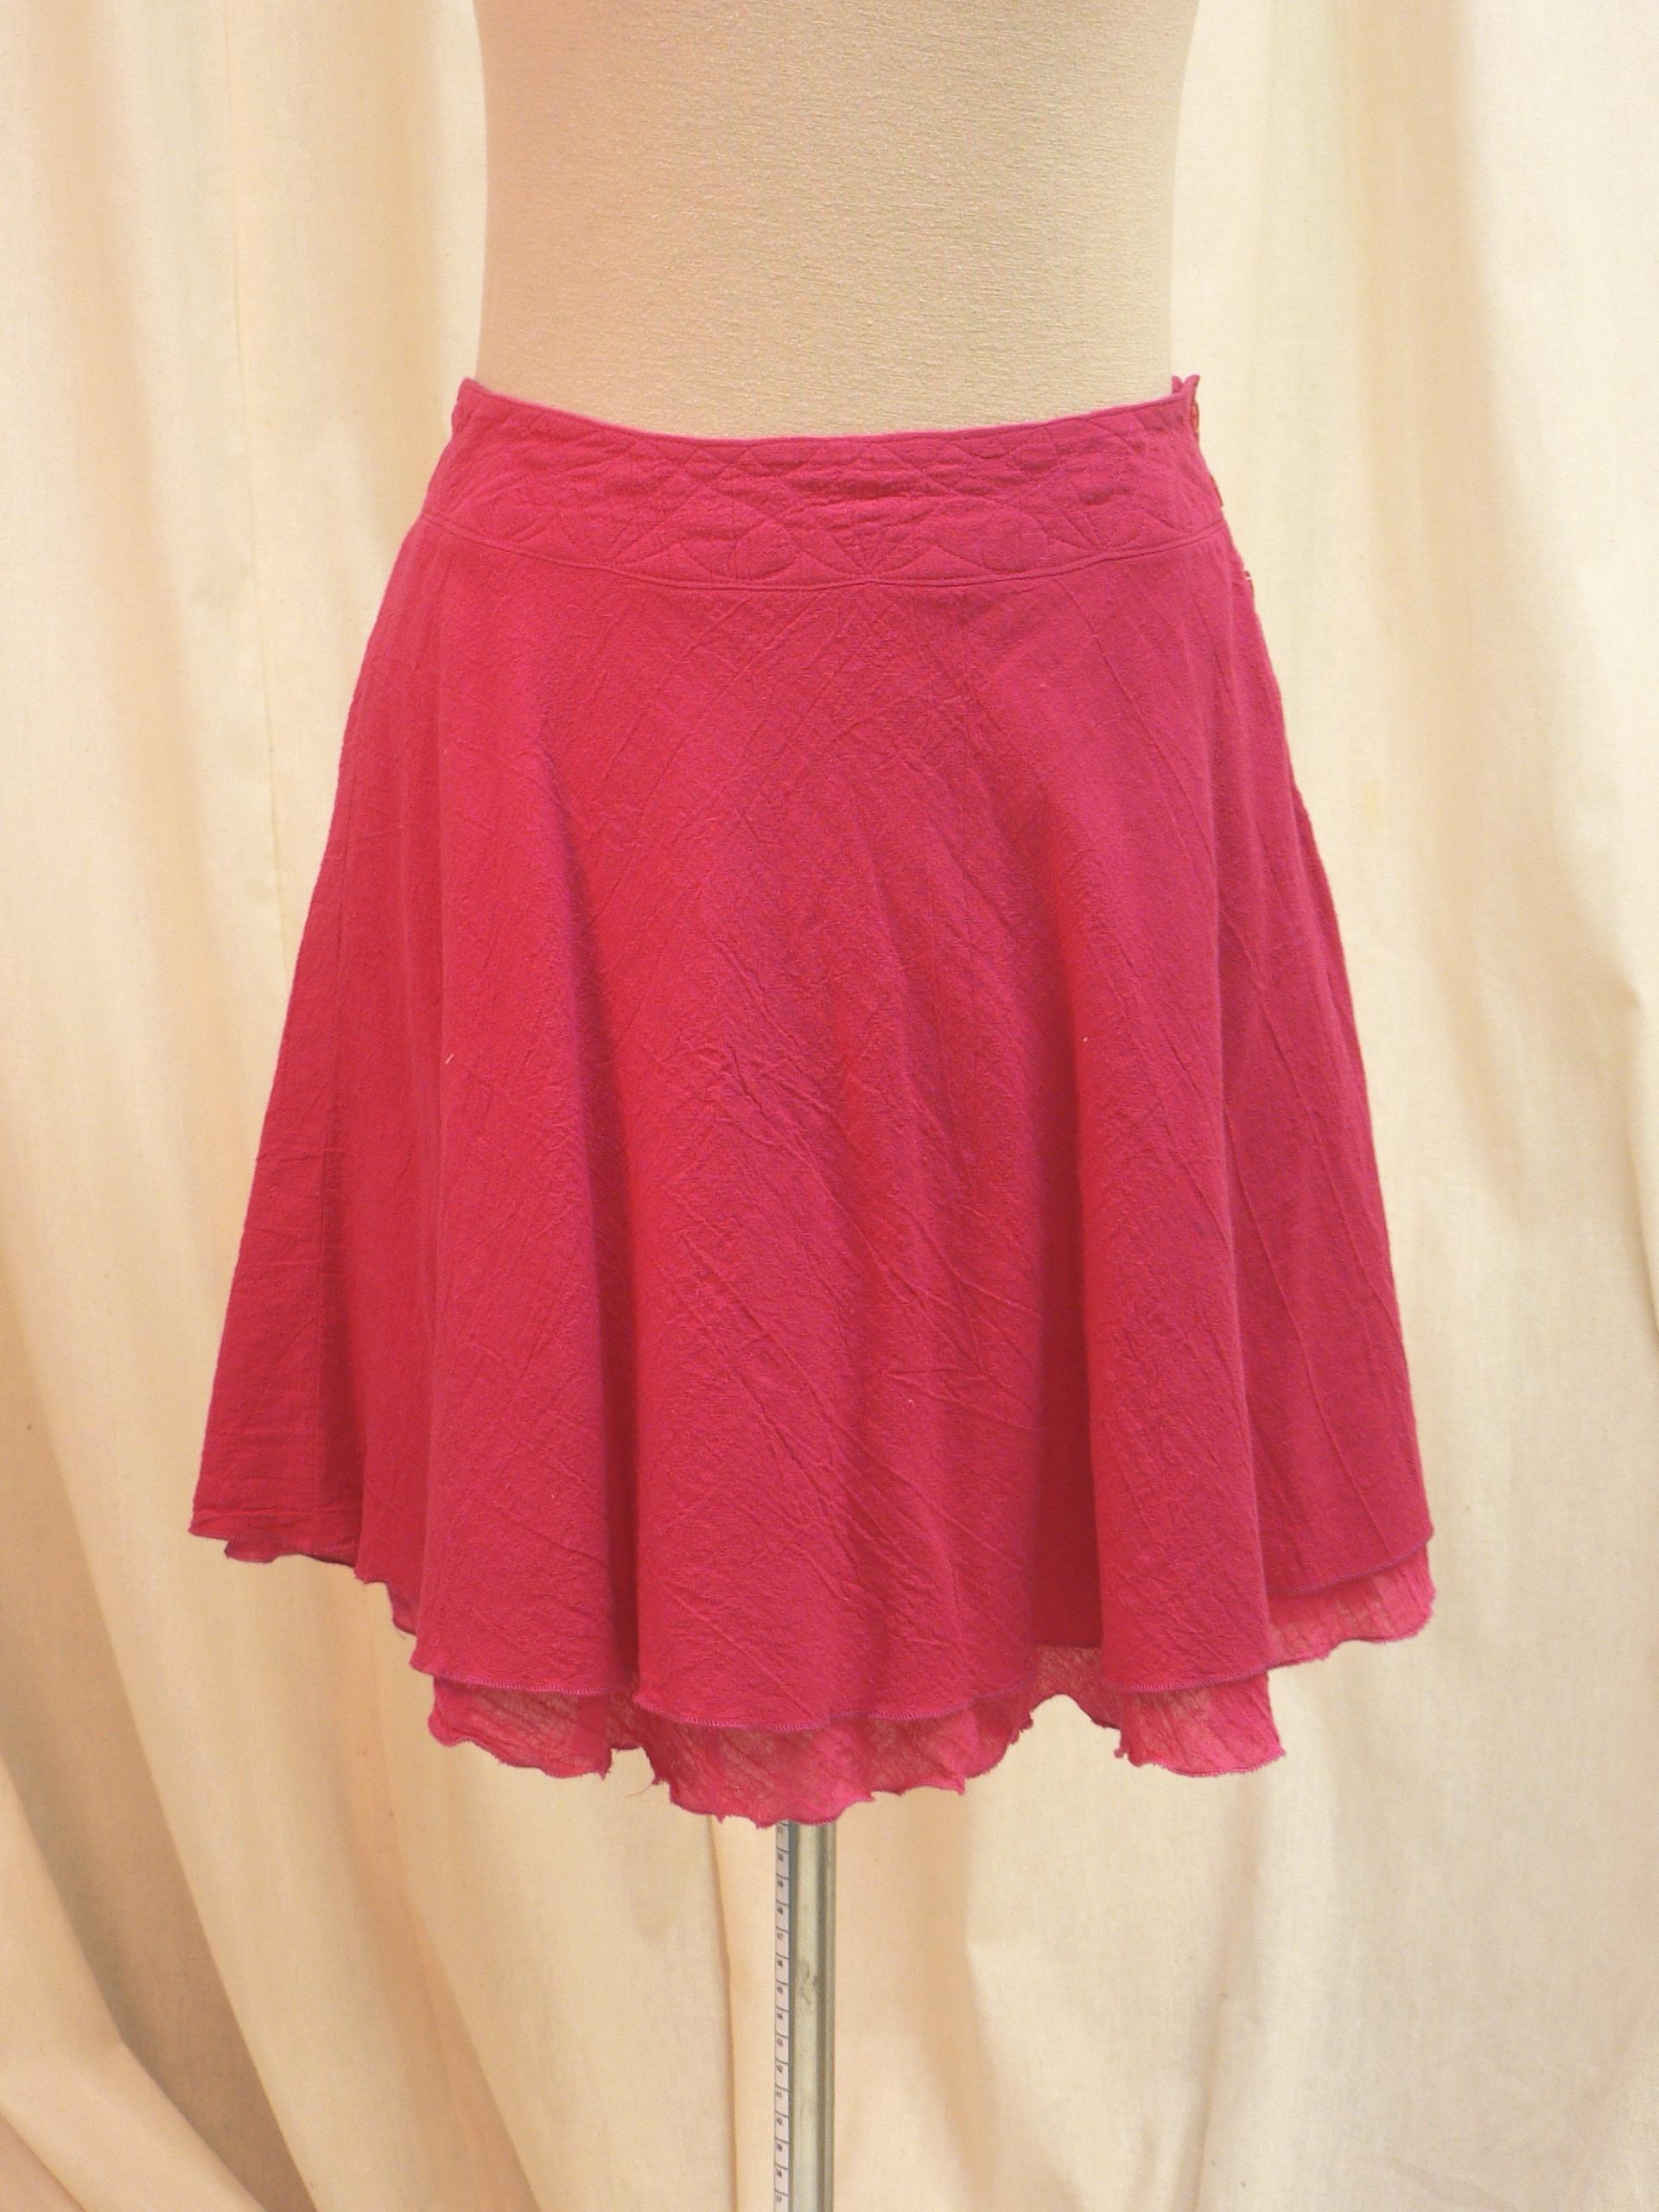 skirt09_front.JPG